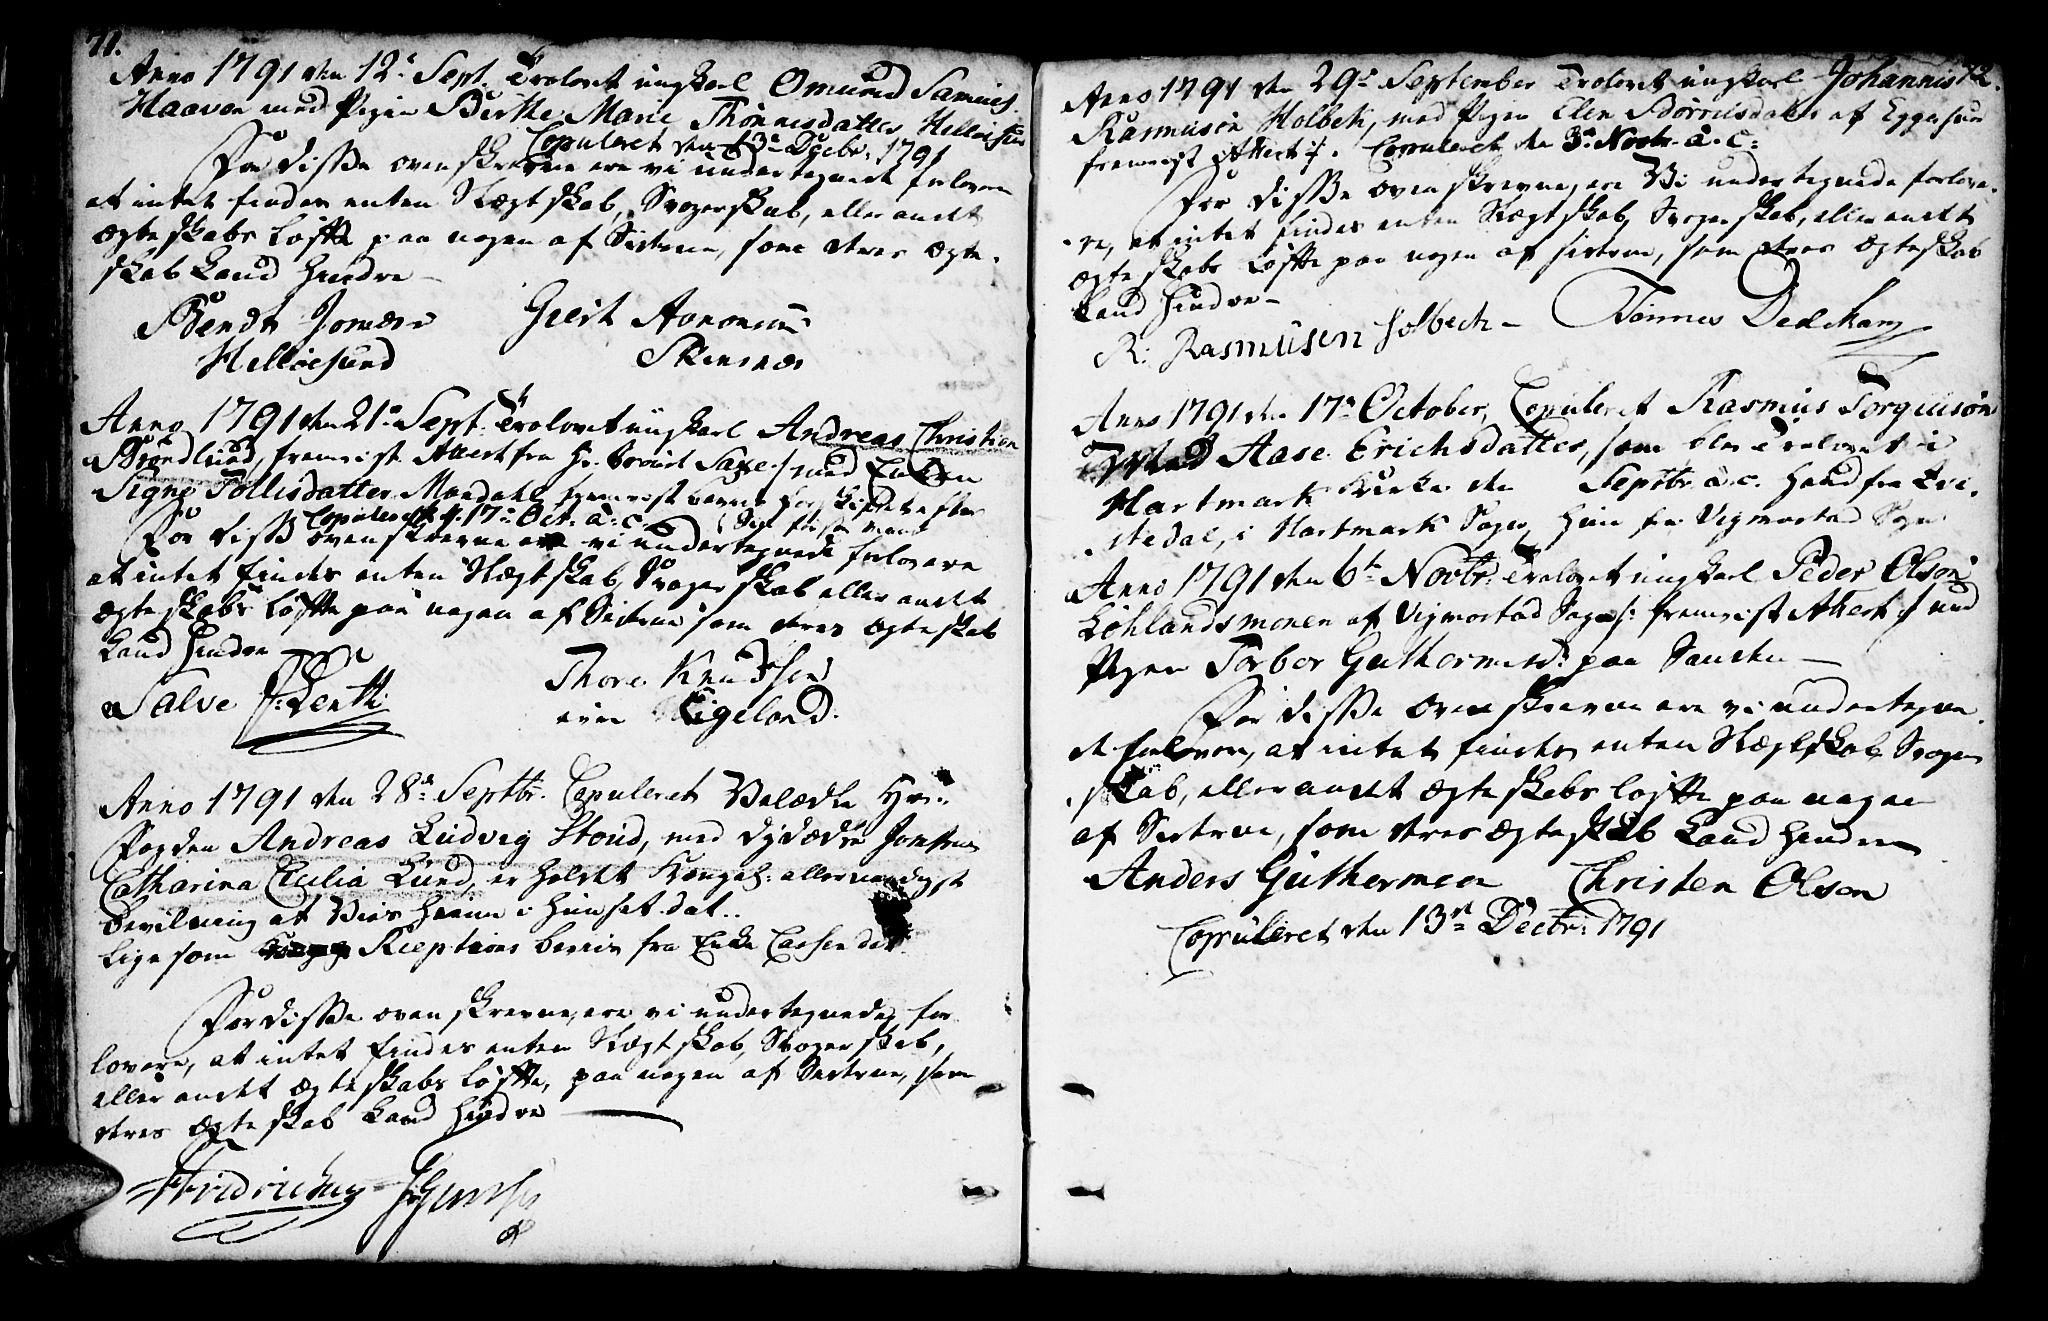 SAK, Mandal sokneprestkontor, F/Fa/Faa/L0007: Ministerialbok nr. A 7, 1783-1818, s. 71-72